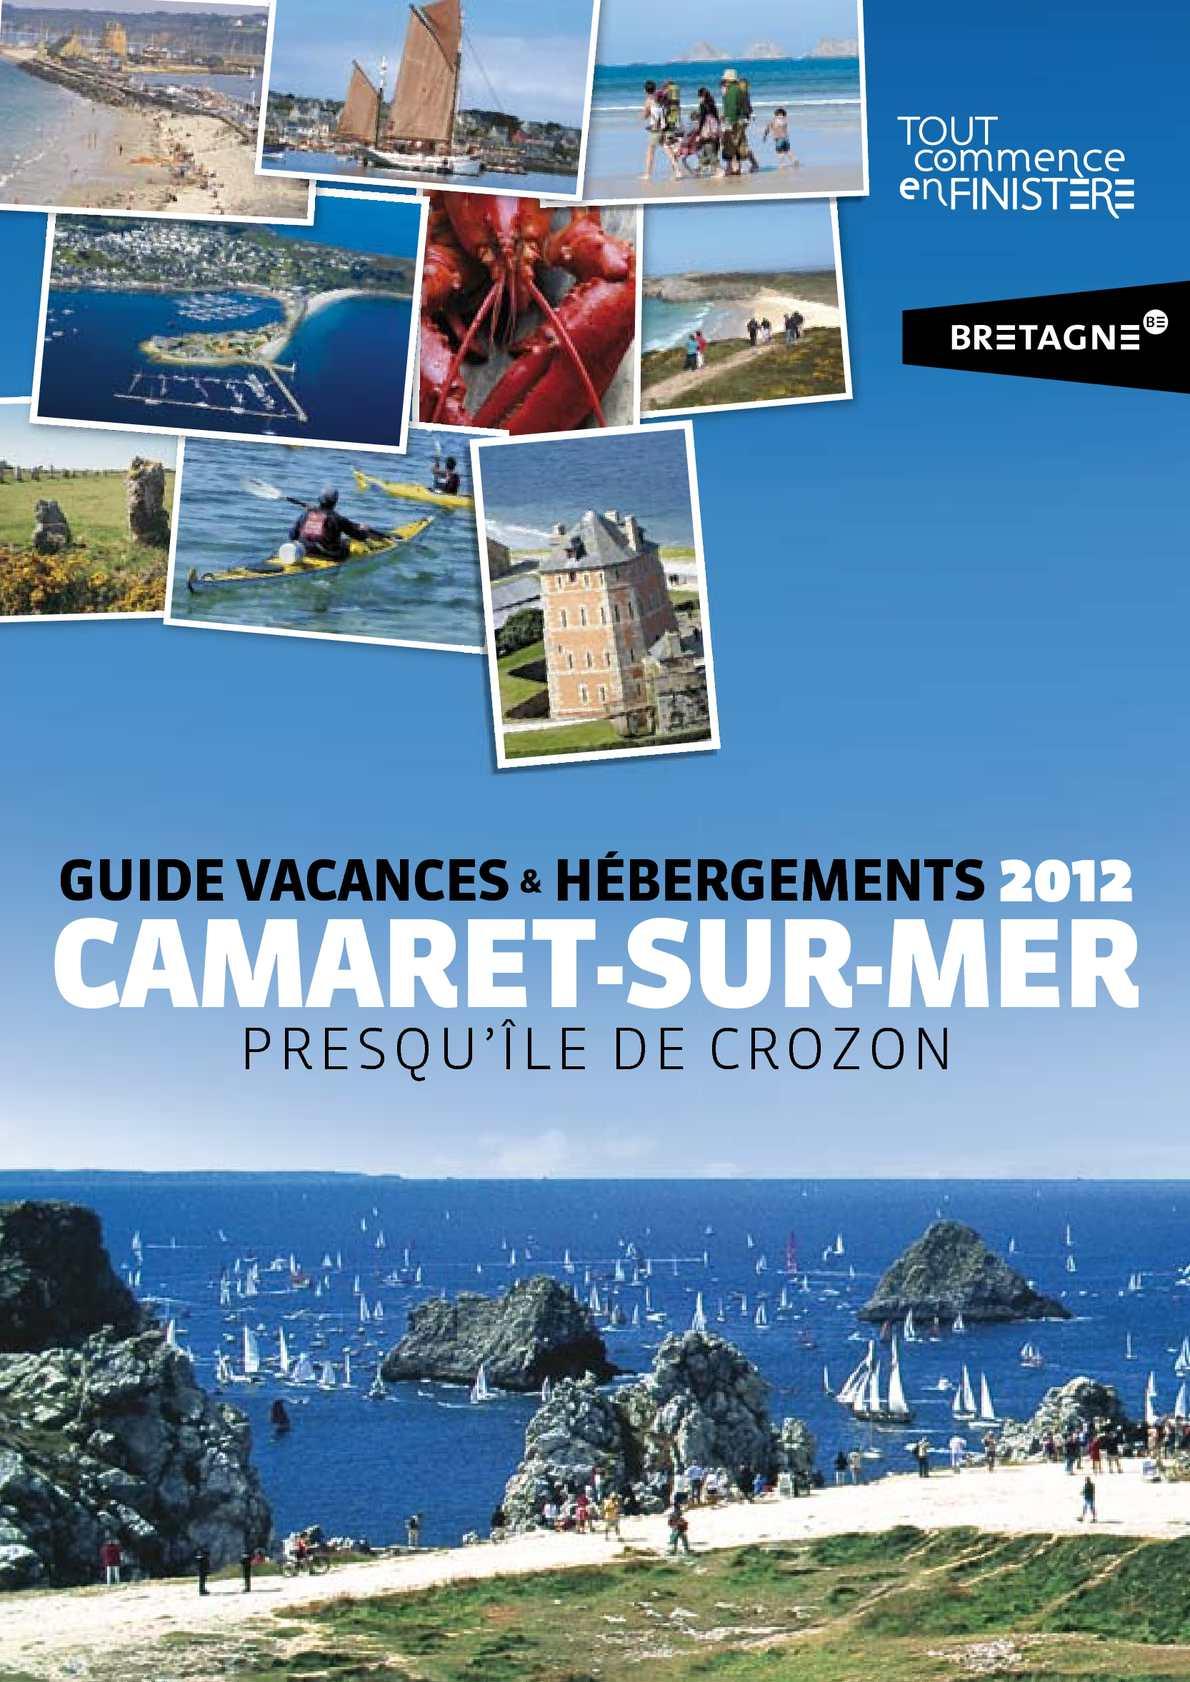 Calam o guide vacances et h bergements 2012 camaret sur mer - Office du tourisme camaret ...